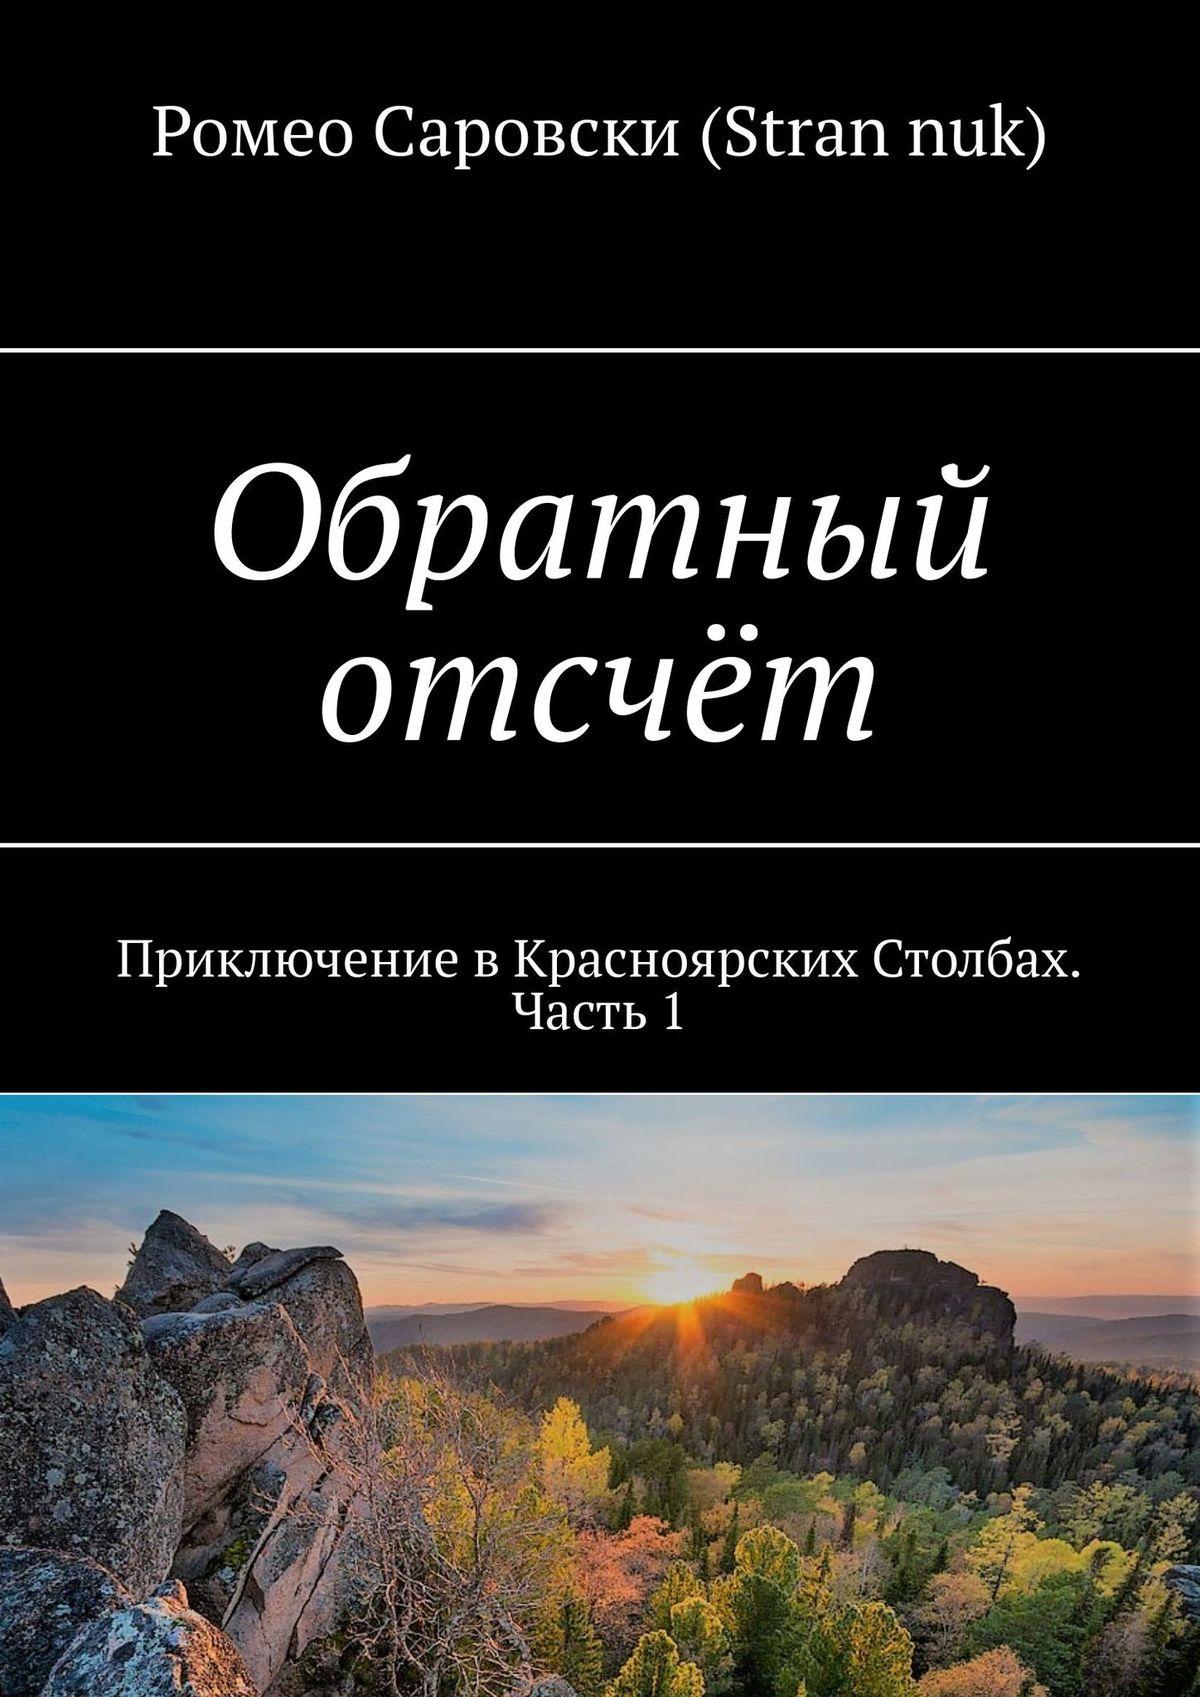 Обратный отсчёт. Приключение вКрасноярских Столбах. Часть1